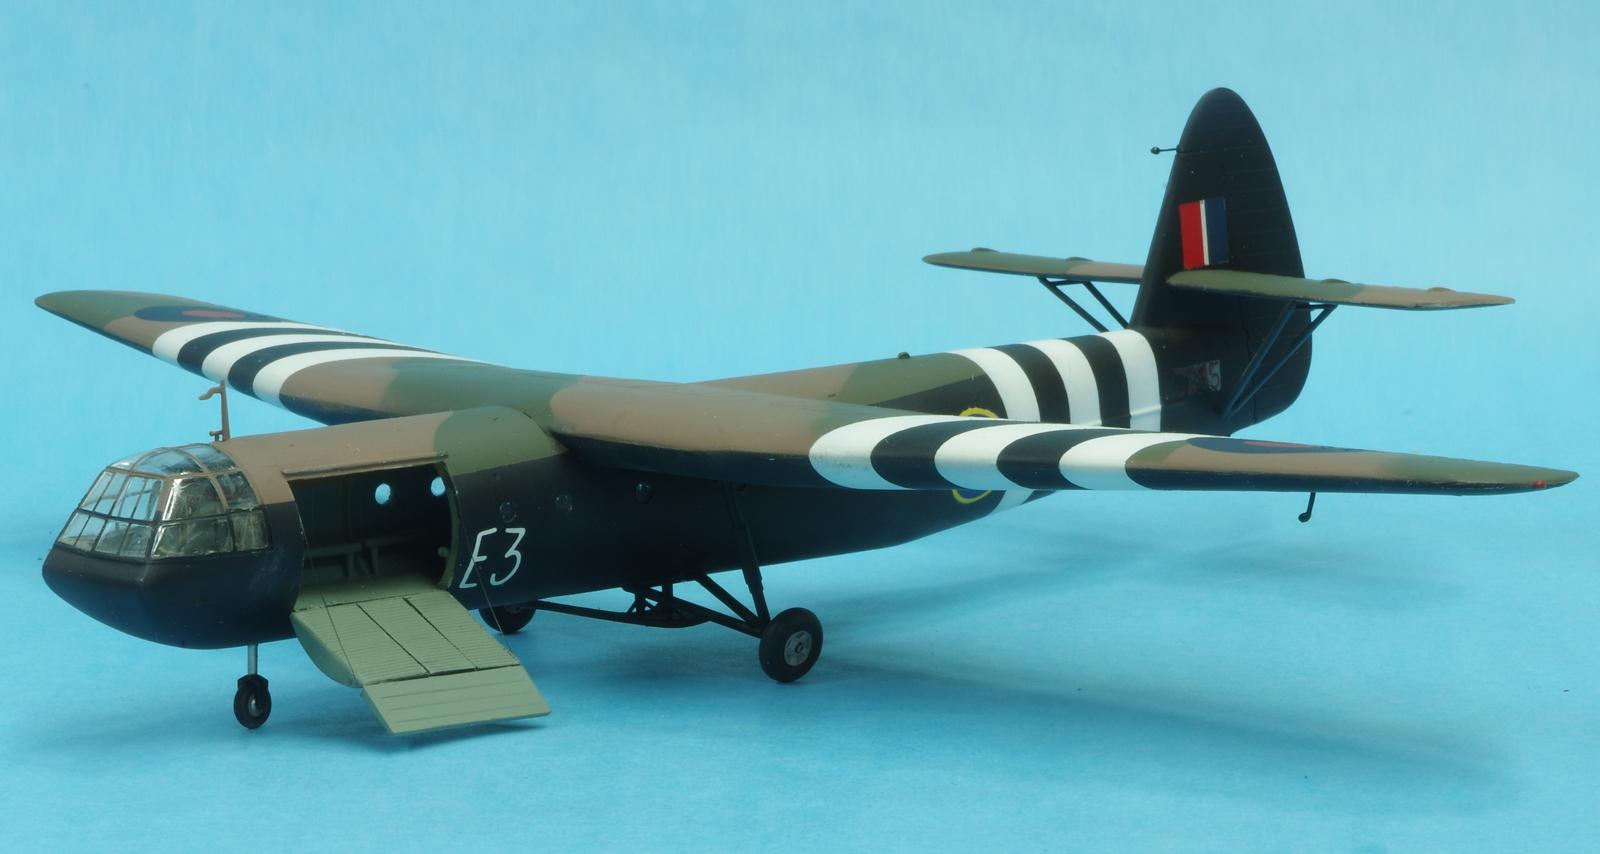 http://goldeneramodel.com/mymodels/gliders/horsa/1horsa/0161horsa.jpg